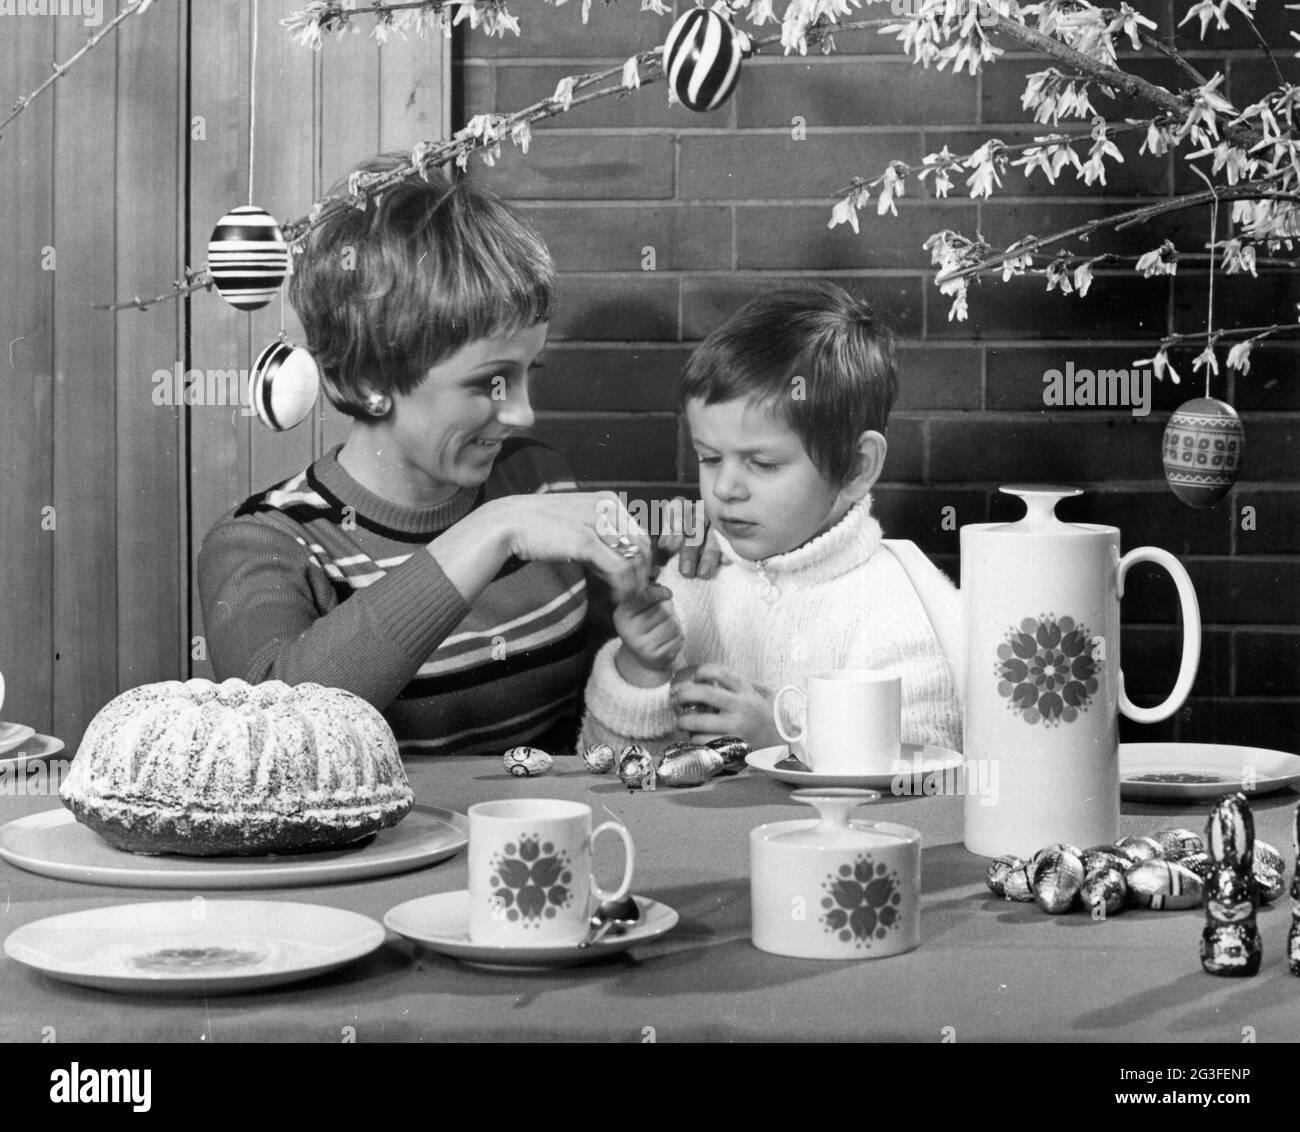 Fiestas, Semana Santa, Madre e Hijo, alrededor de 1977, DERECHOS-ADICIONALES-LIQUIDACIÓN-INFO-NO DISPONIBLE Foto de stock